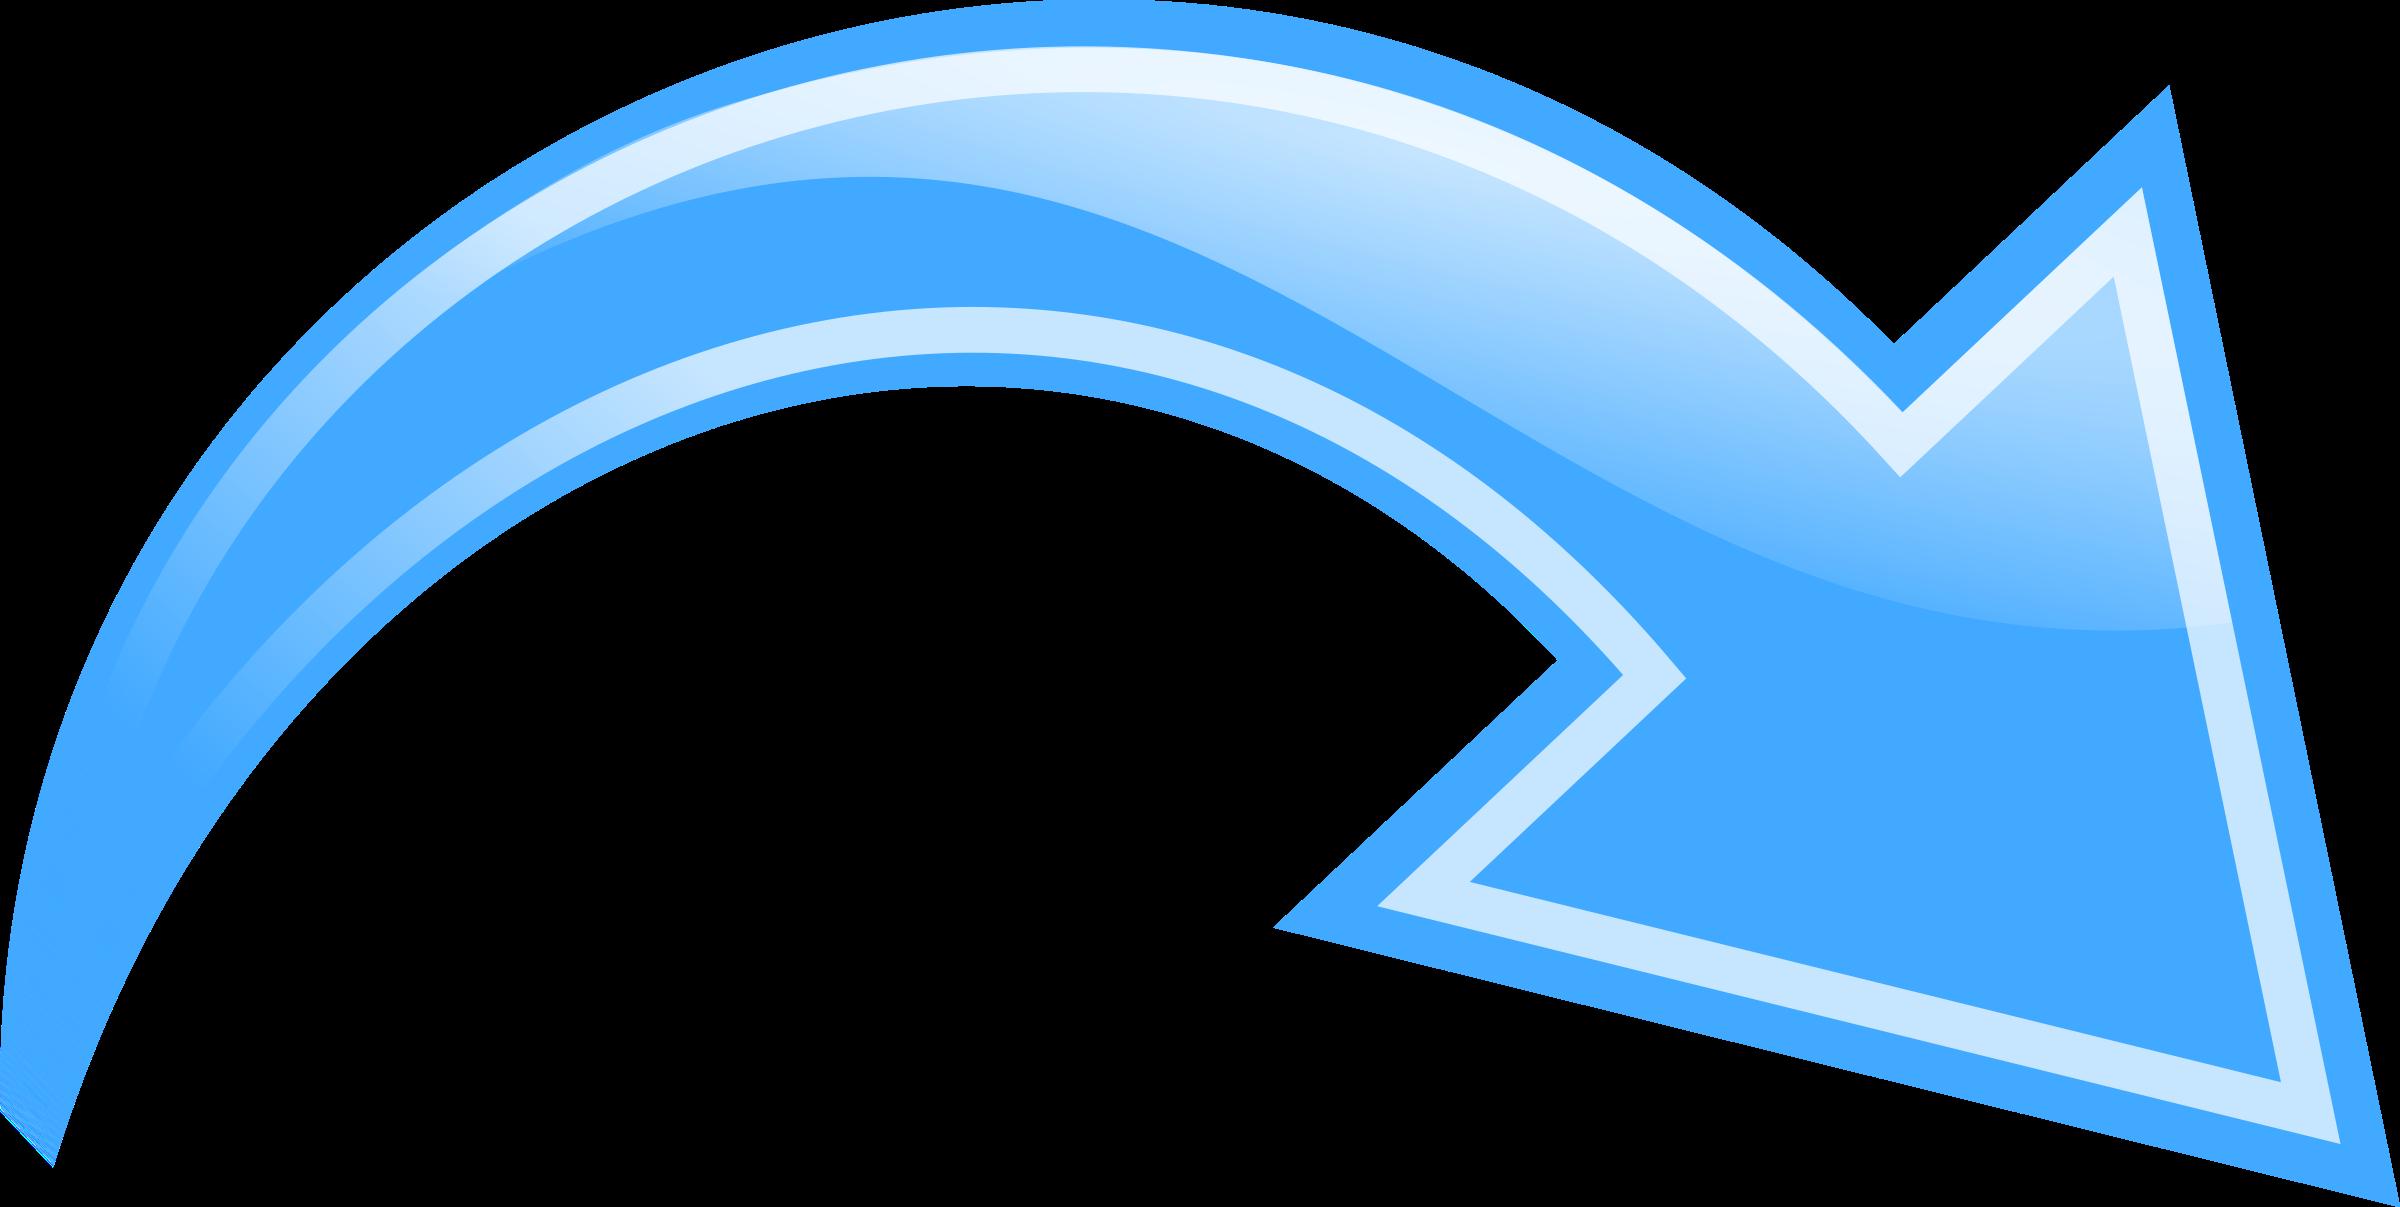 Bent arrow clip art